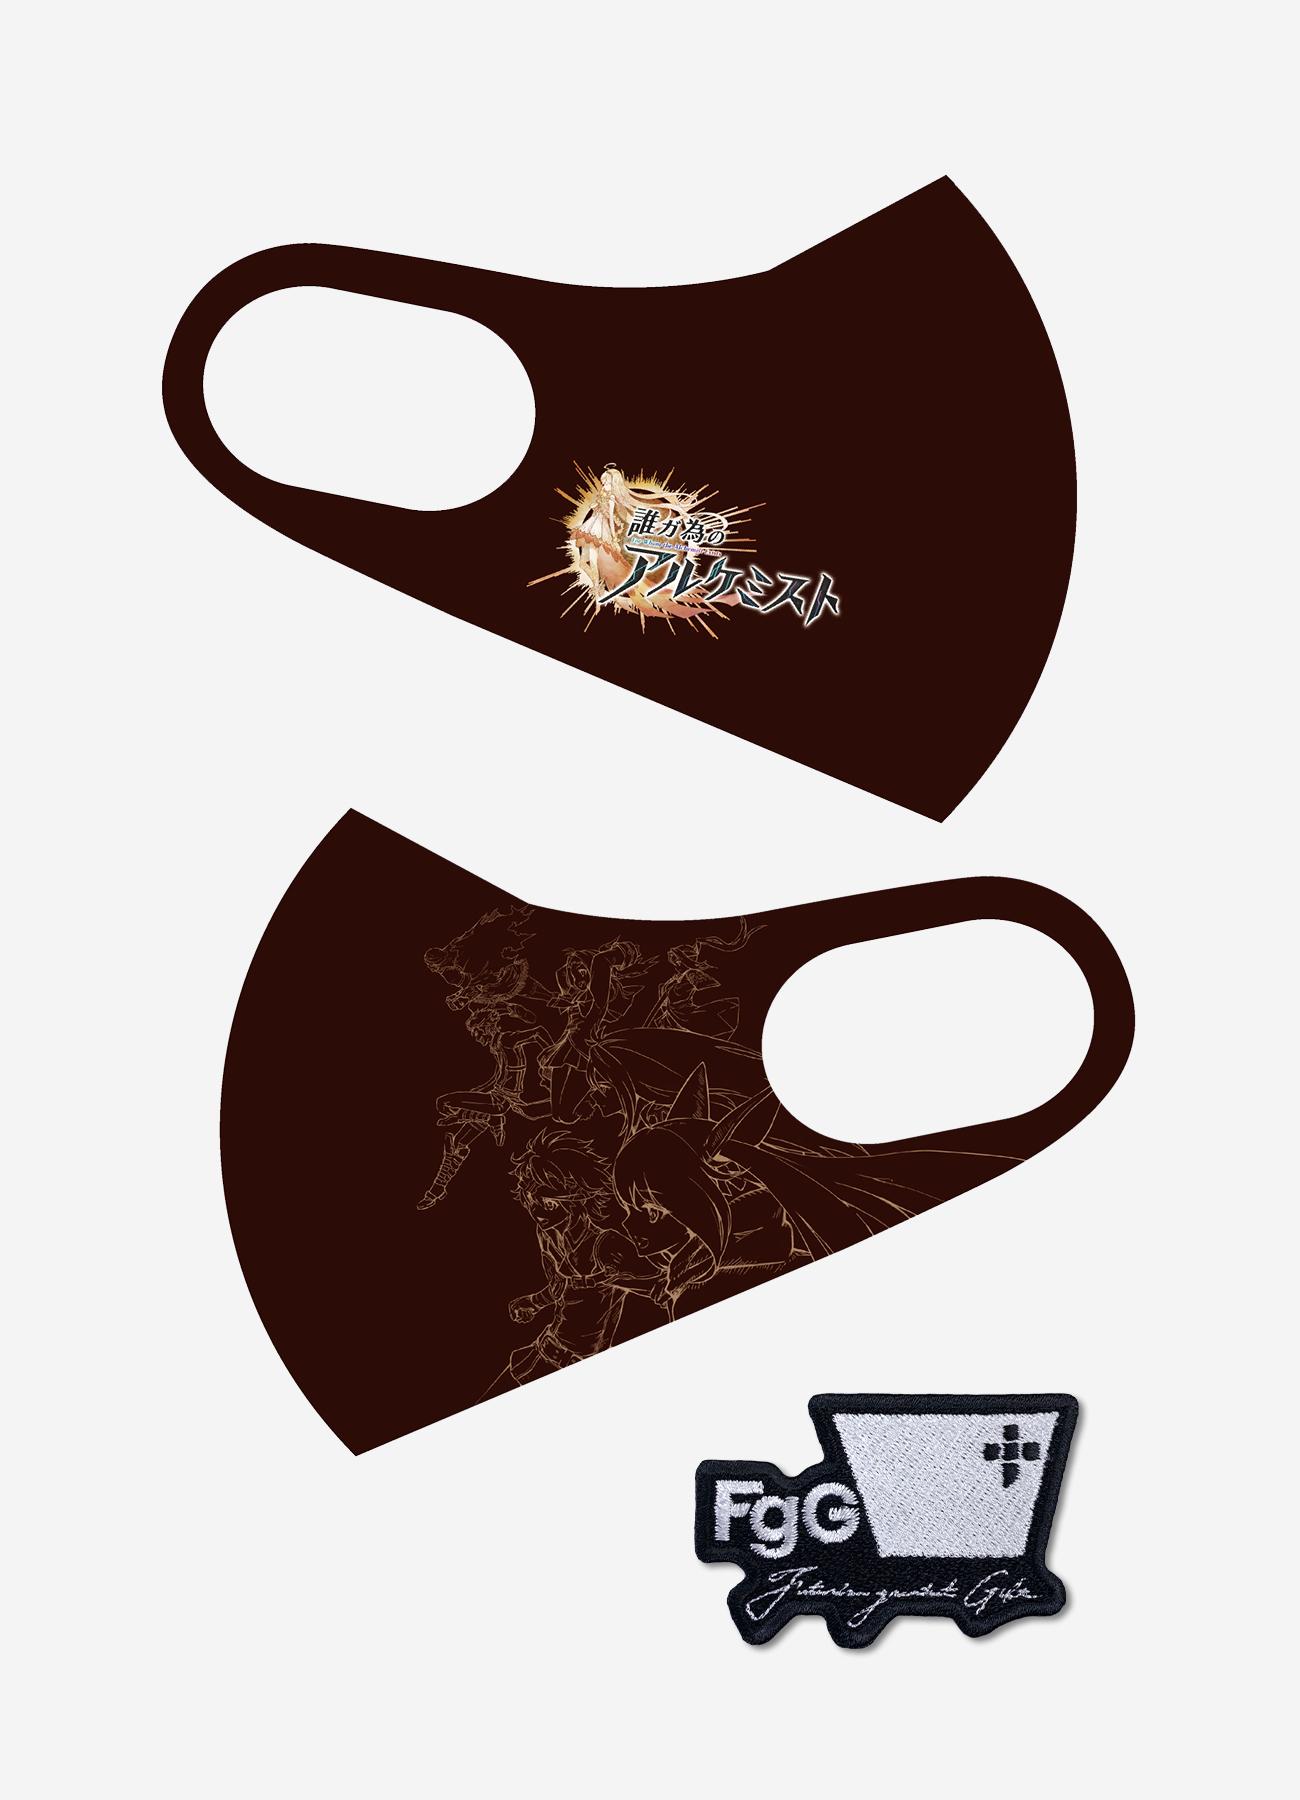 【再販】タガタメマスク2枚セット(FgGロゴワッペンシール付)